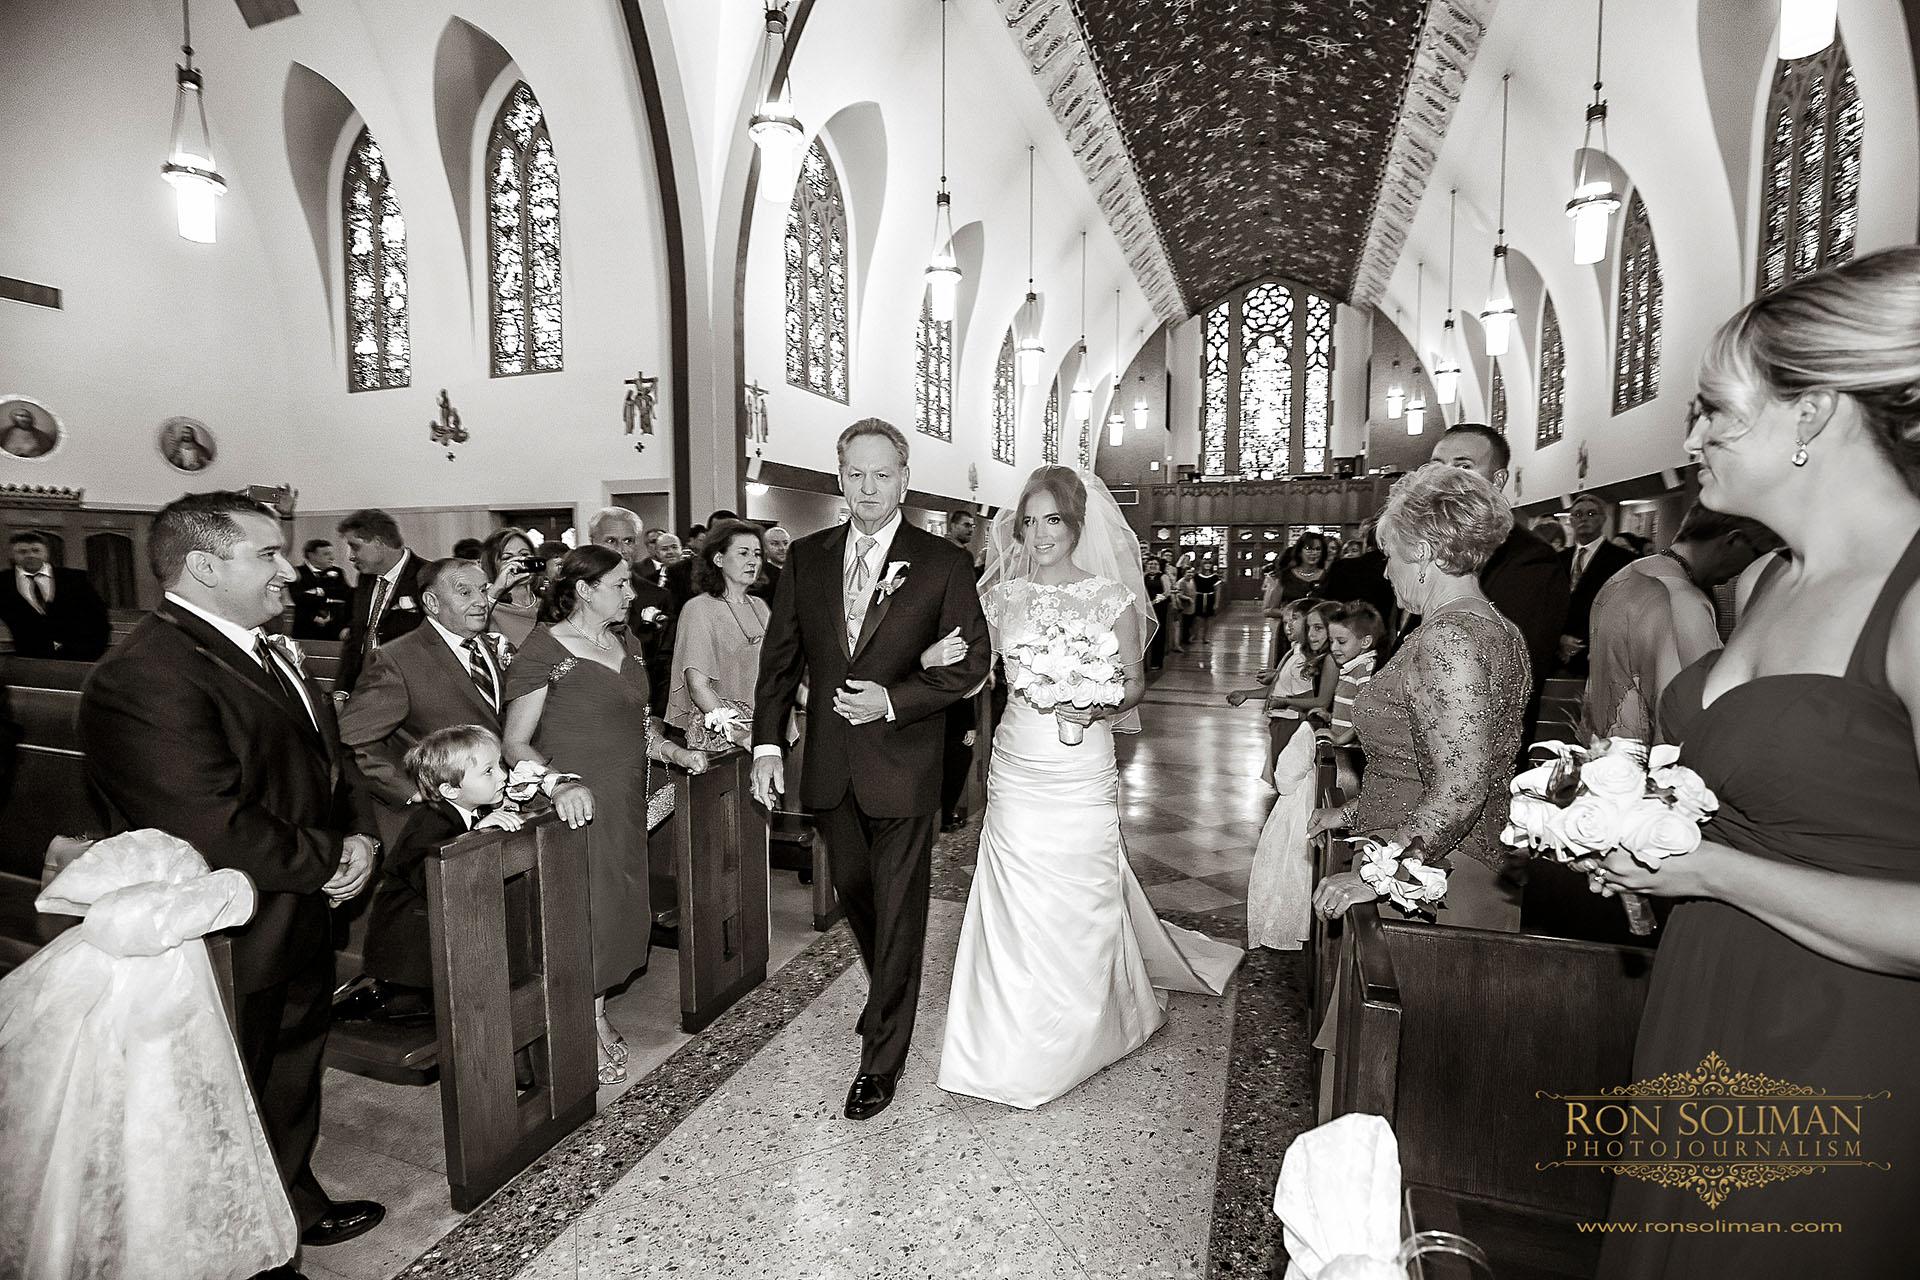 VIE WEDDING 09